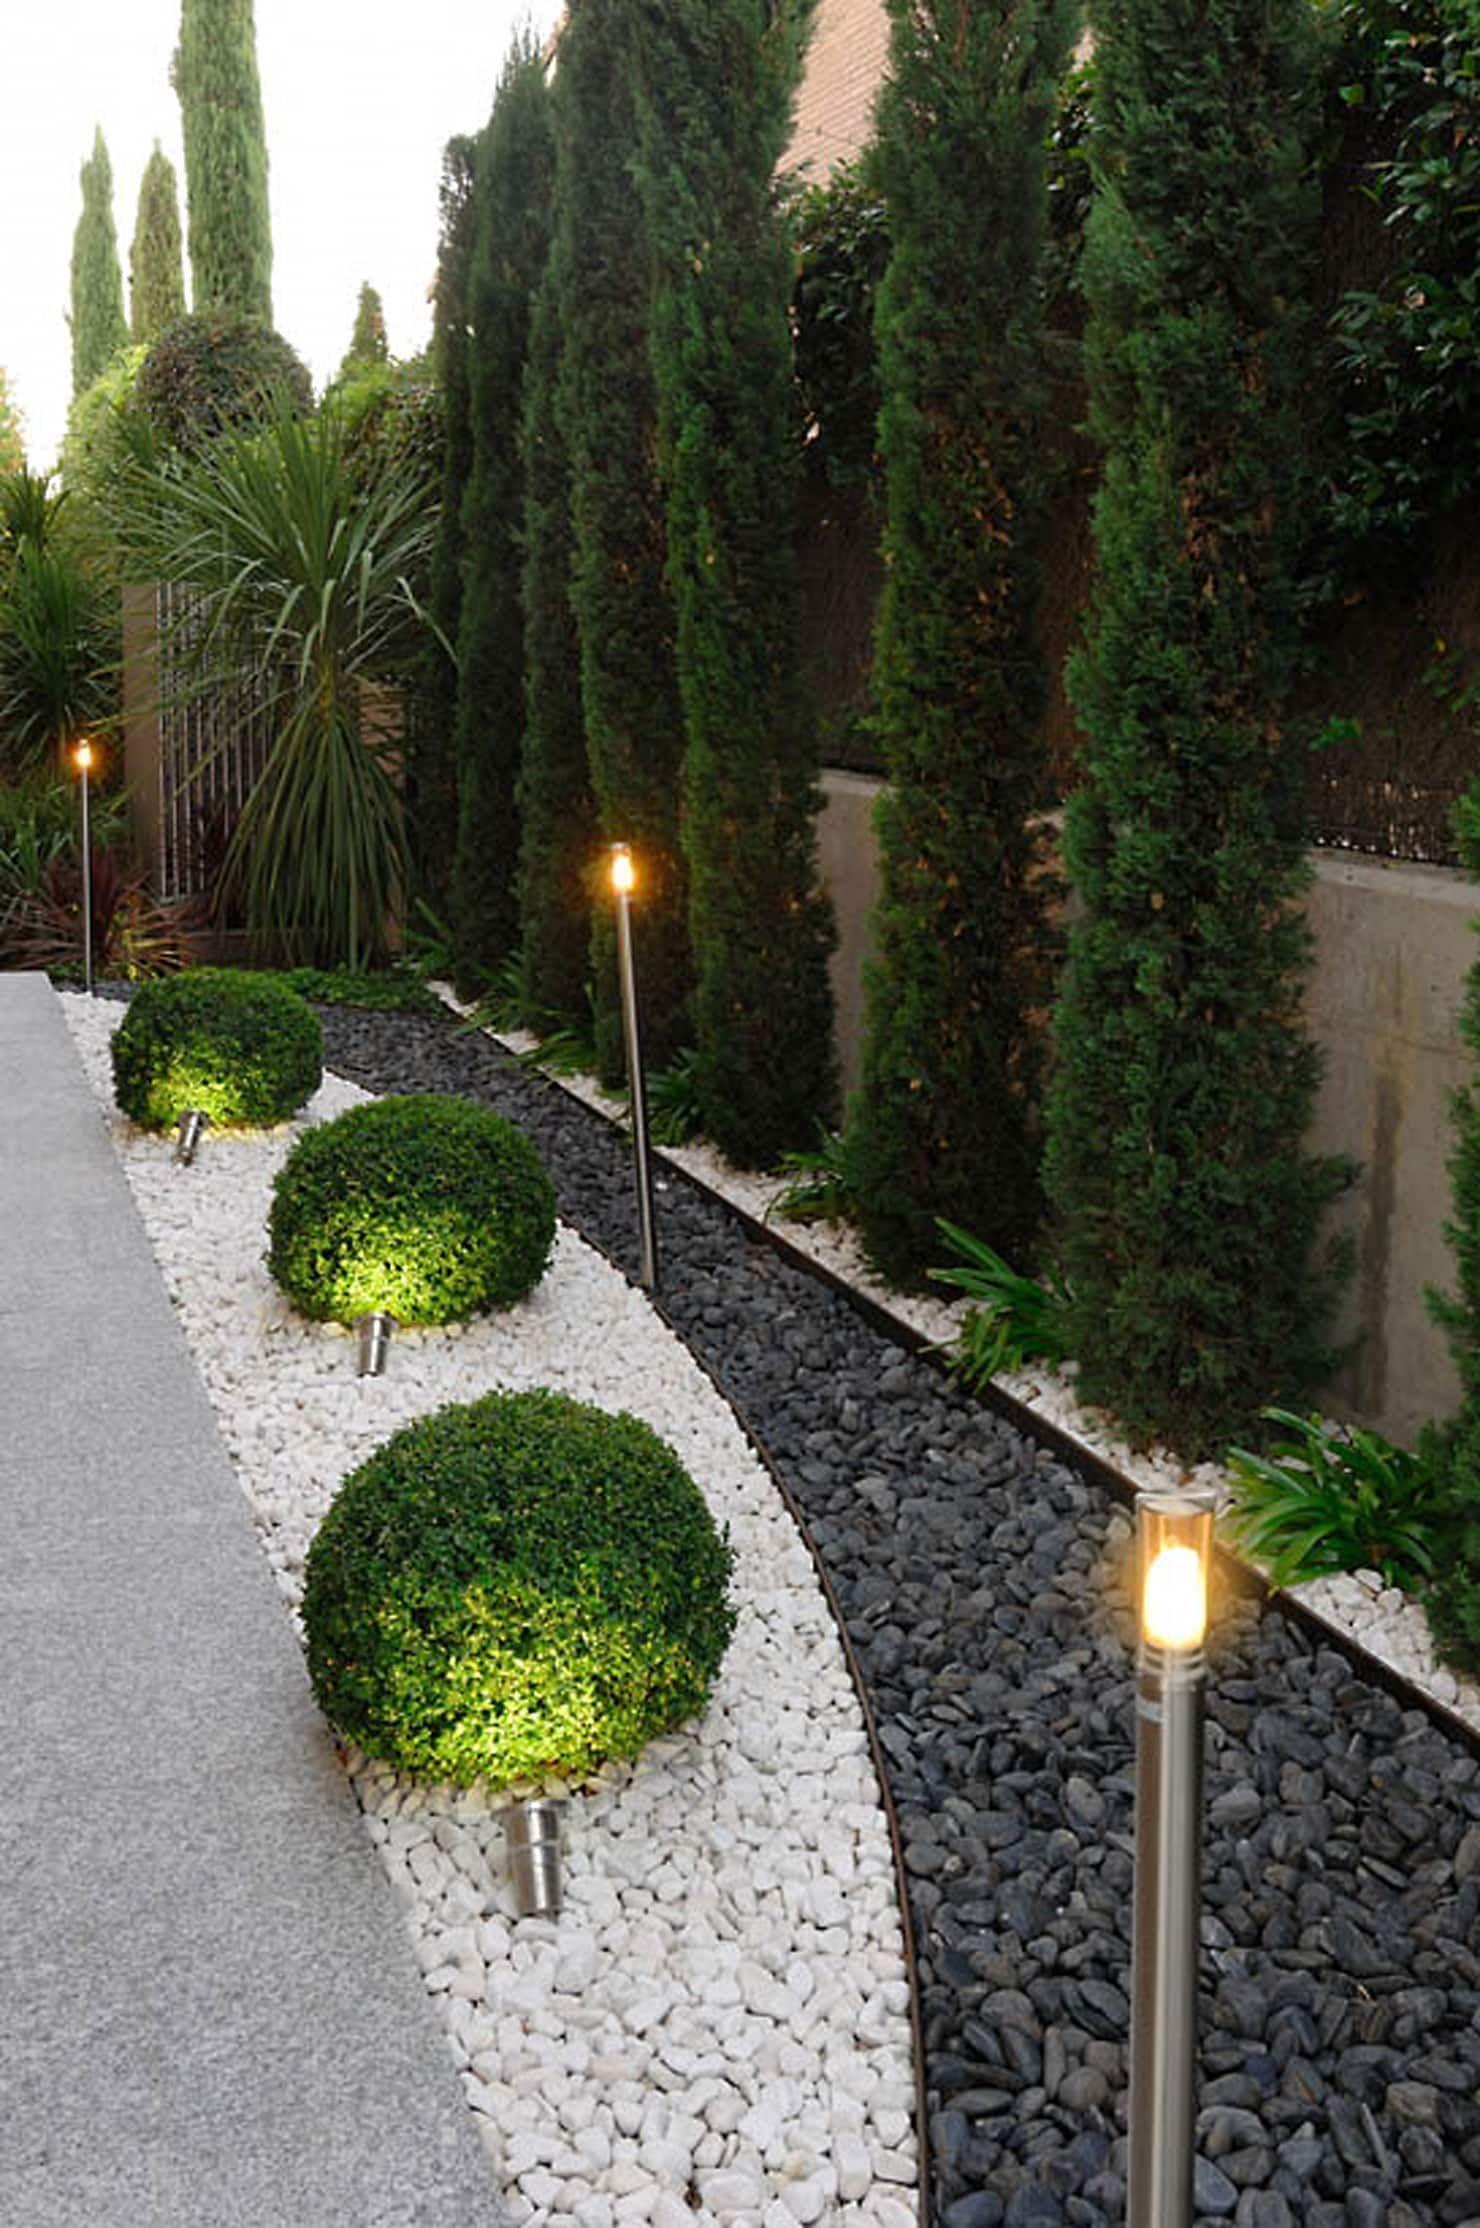 Landscaping 8 Hilfreiche Tipps Und Tricks Moderner Garten Landschaftsbau Vorgarten Landgar In 2020 Modern Garden Landscaping Modern Garden Front Yard Landscaping